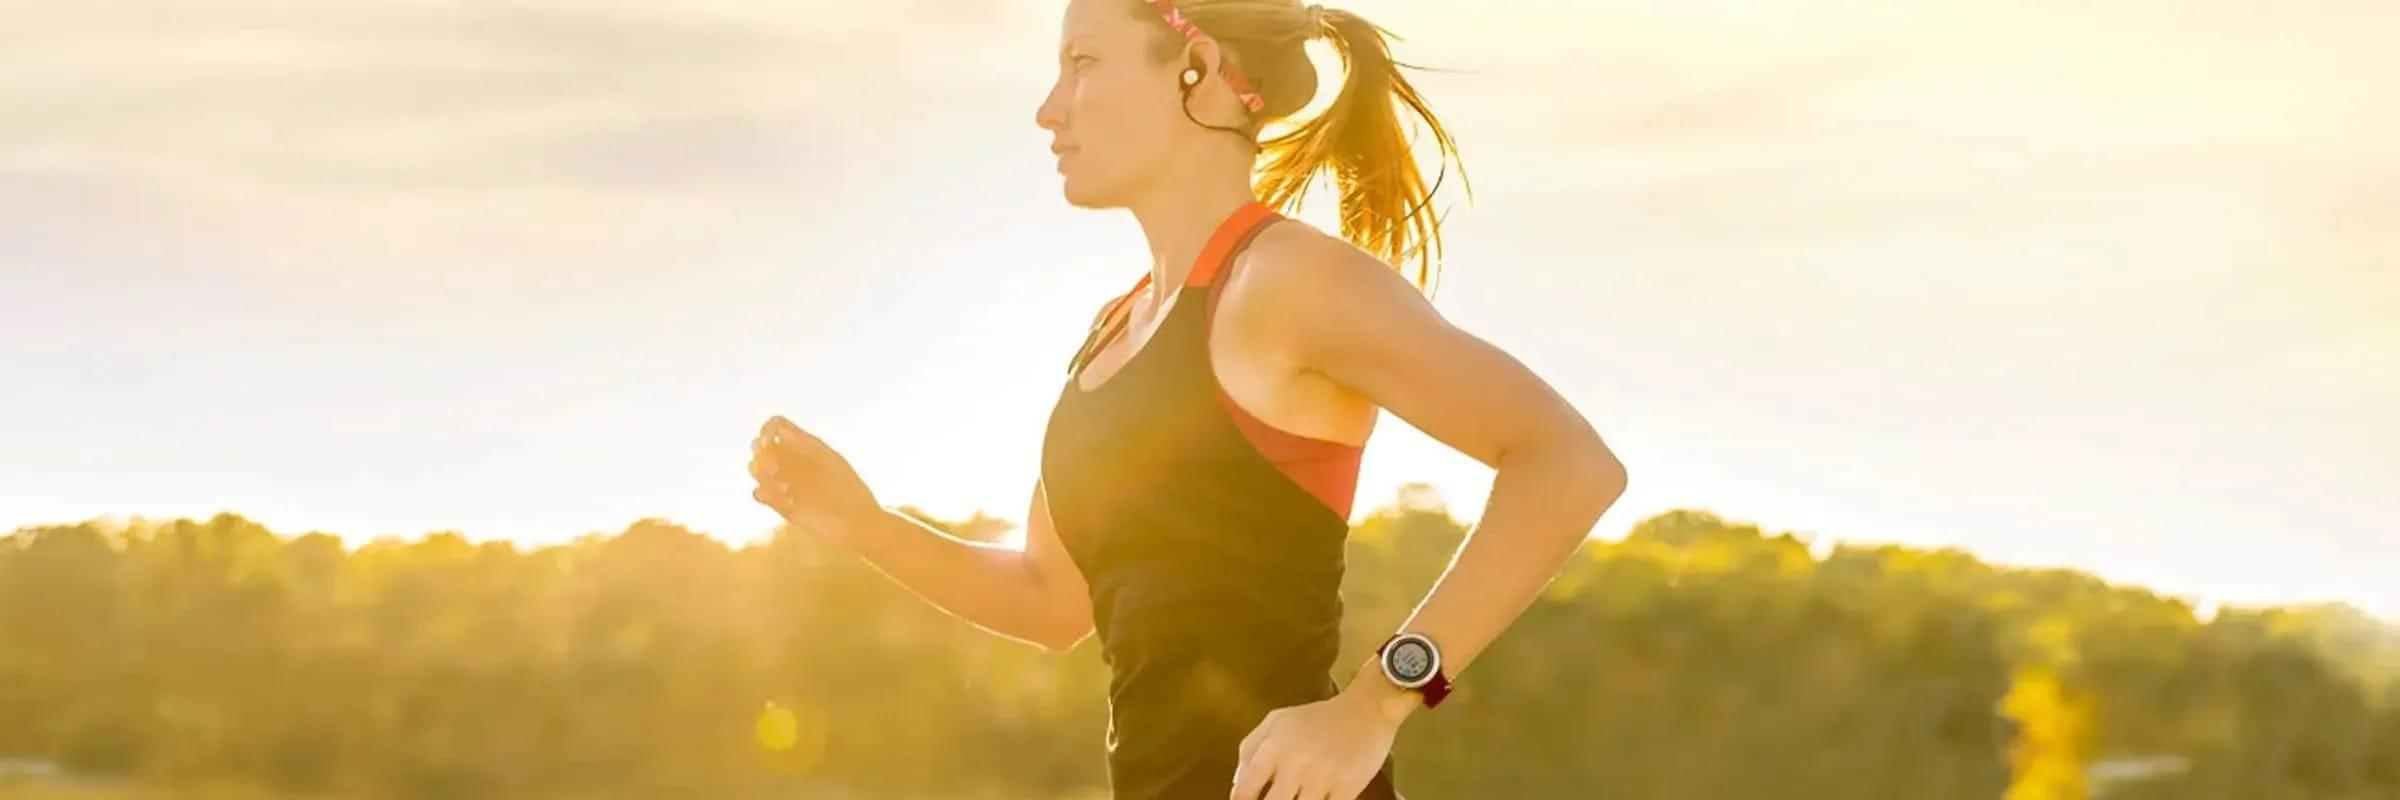 Les meilleures montres de sport intelligentes Garmin de 2021